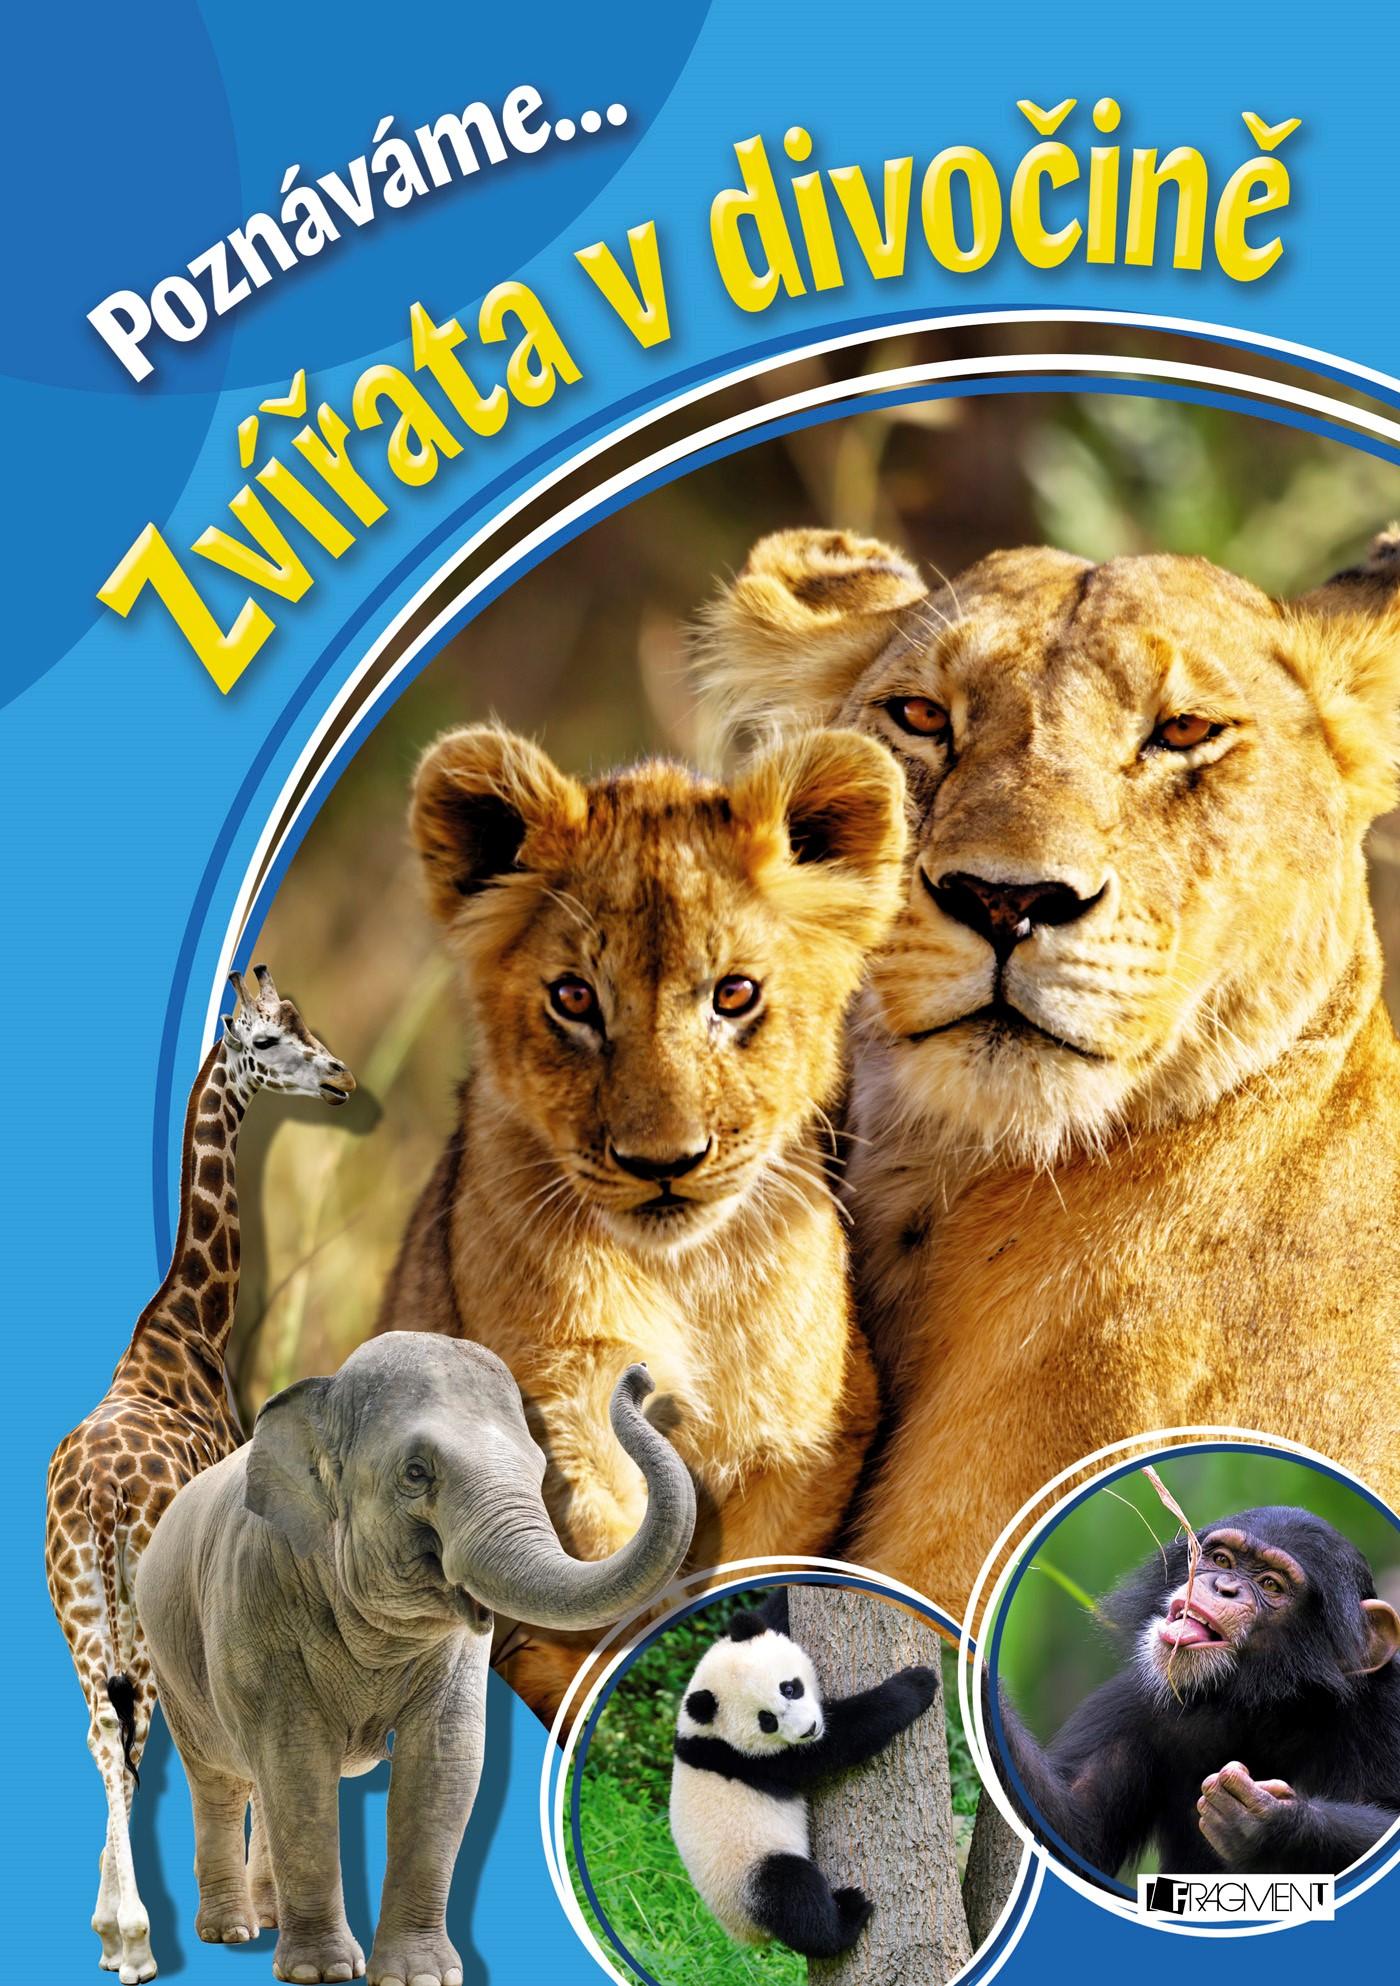 Poznáváme... Zvířata v divočině | autora nemá